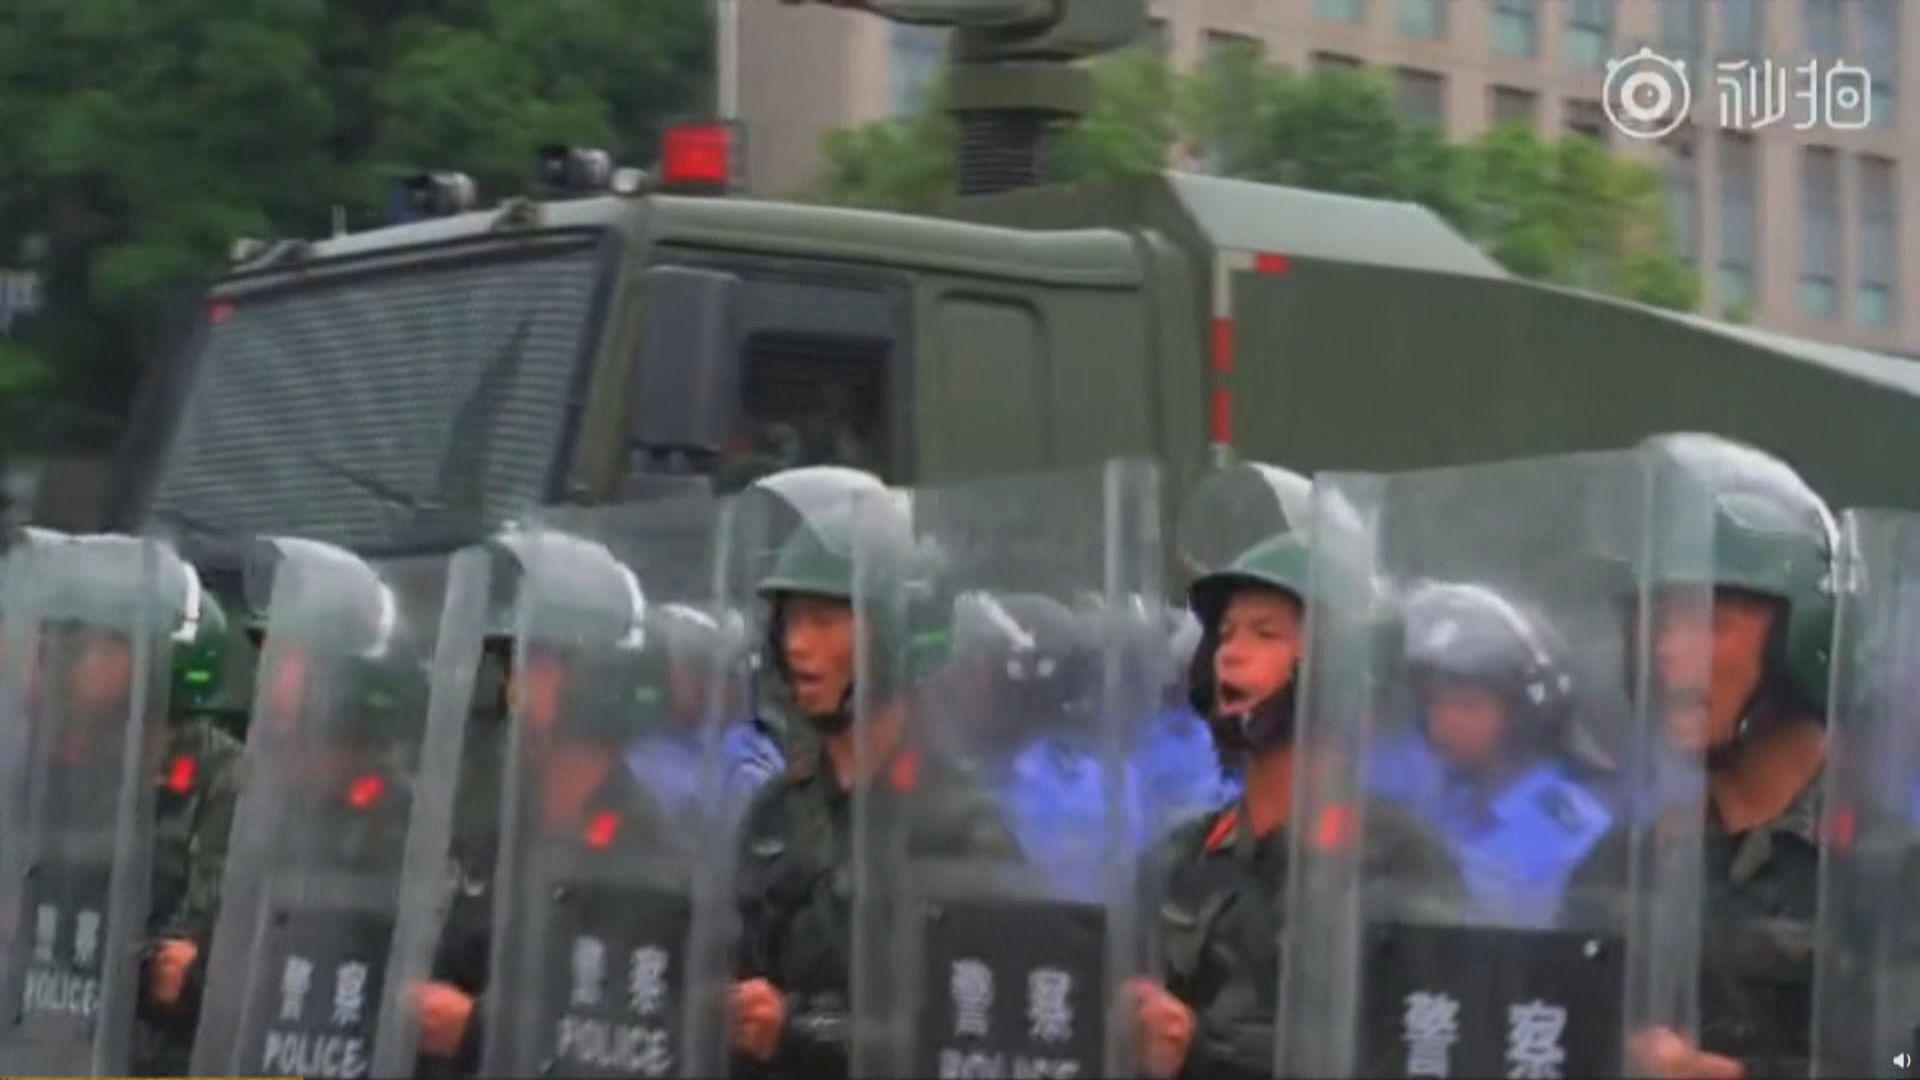 武警及公安深圳舉行防暴聯合練兵